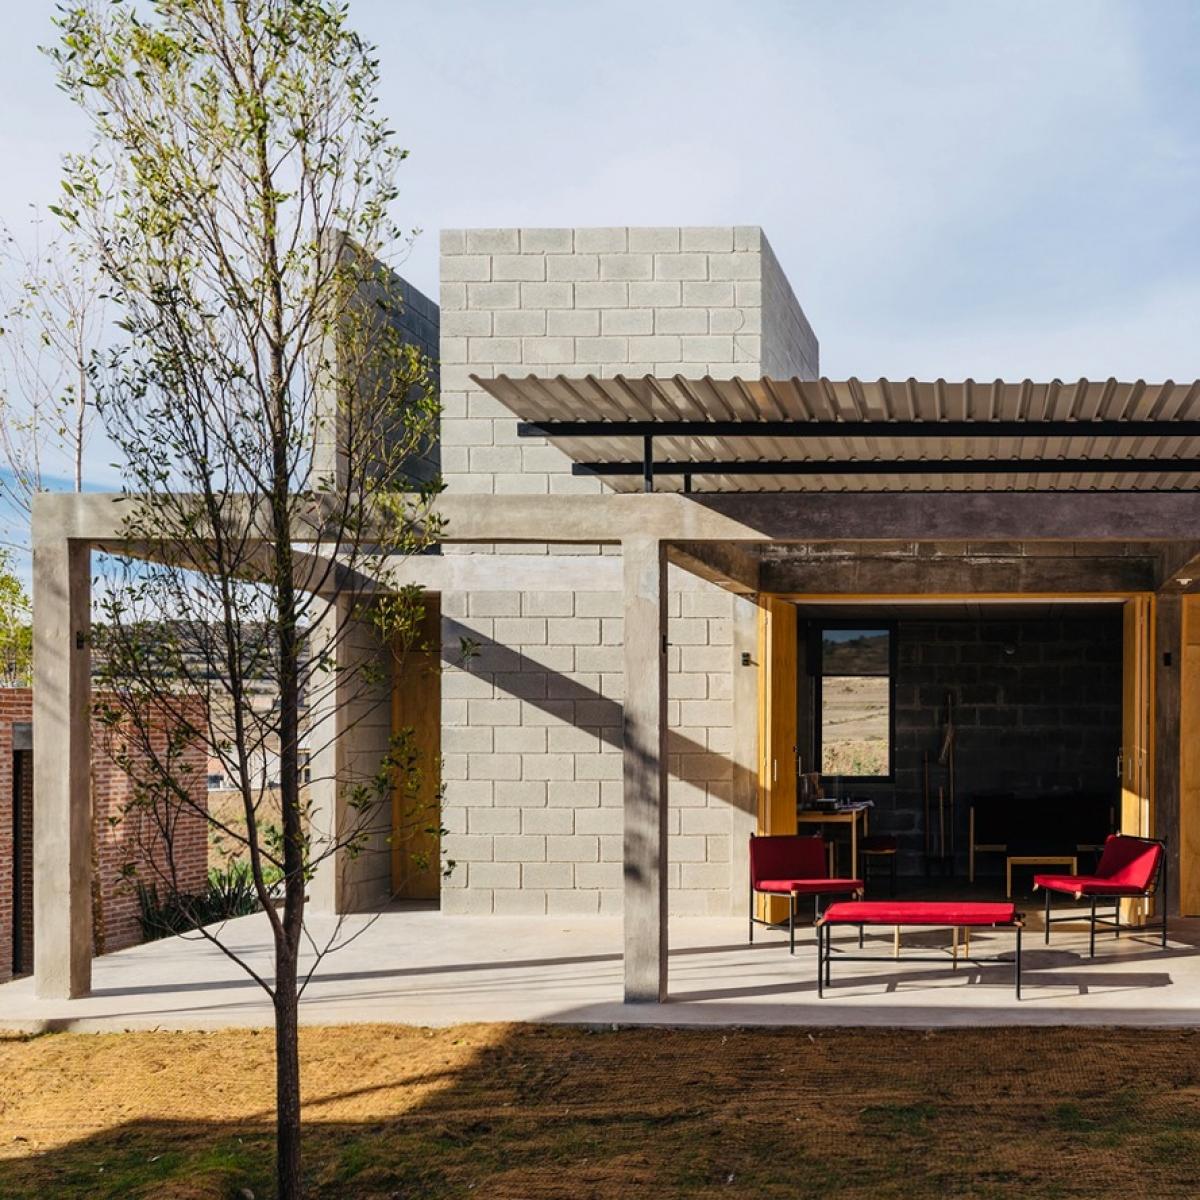 Ngôi nhà nhẹ nhàng nhưng đầy sự tinh tế, cuốn hút.Khoảng sân rộng mang lại sự thoải mái, thư giãn.